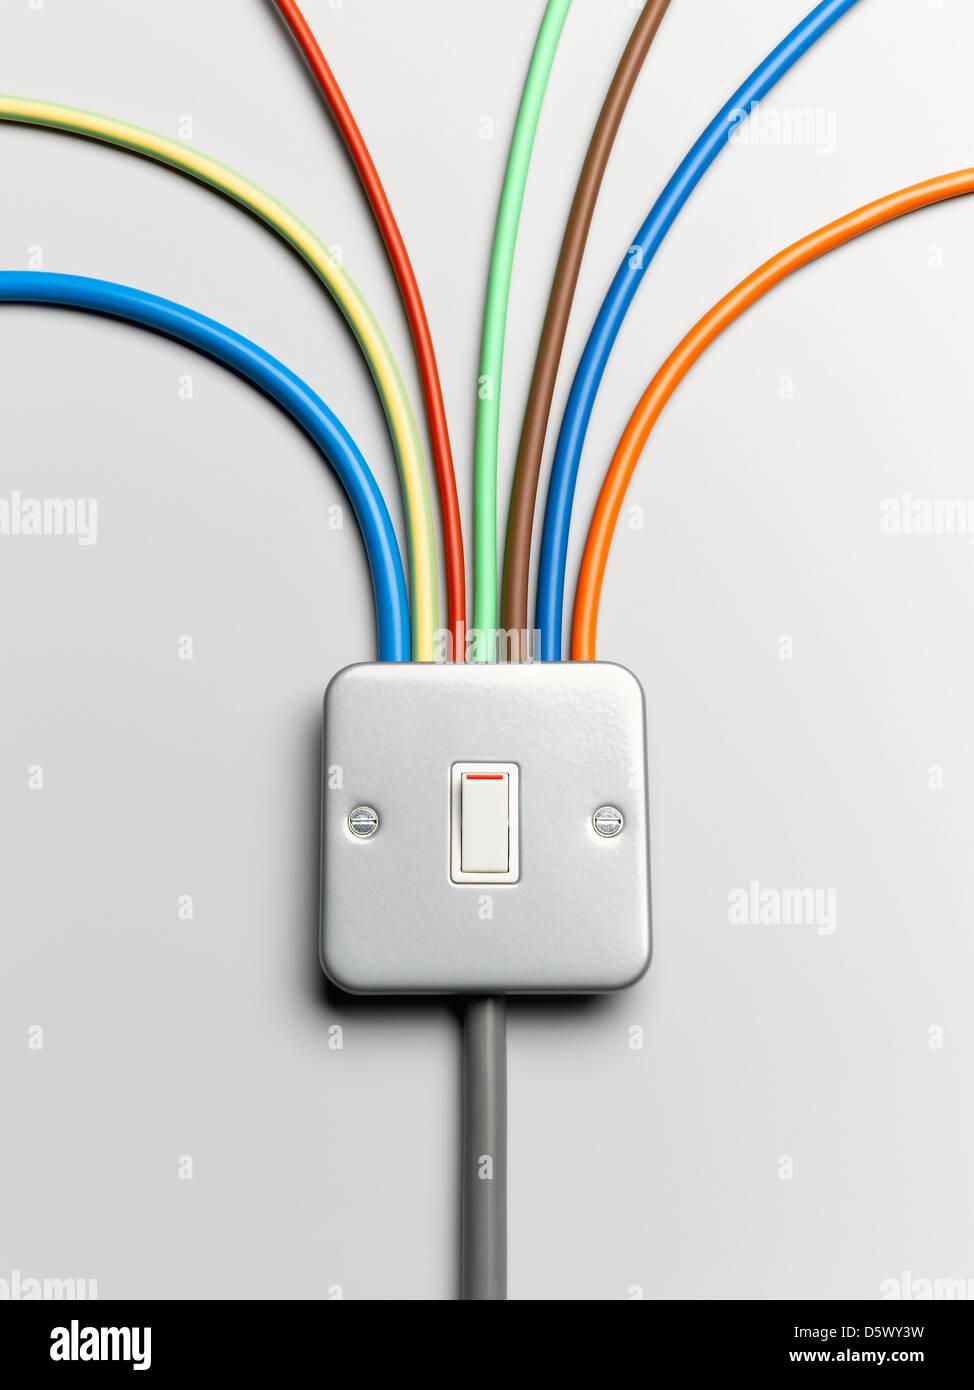 Cordons colorés depuis l'interrupteur d'éclairage Photo Stock